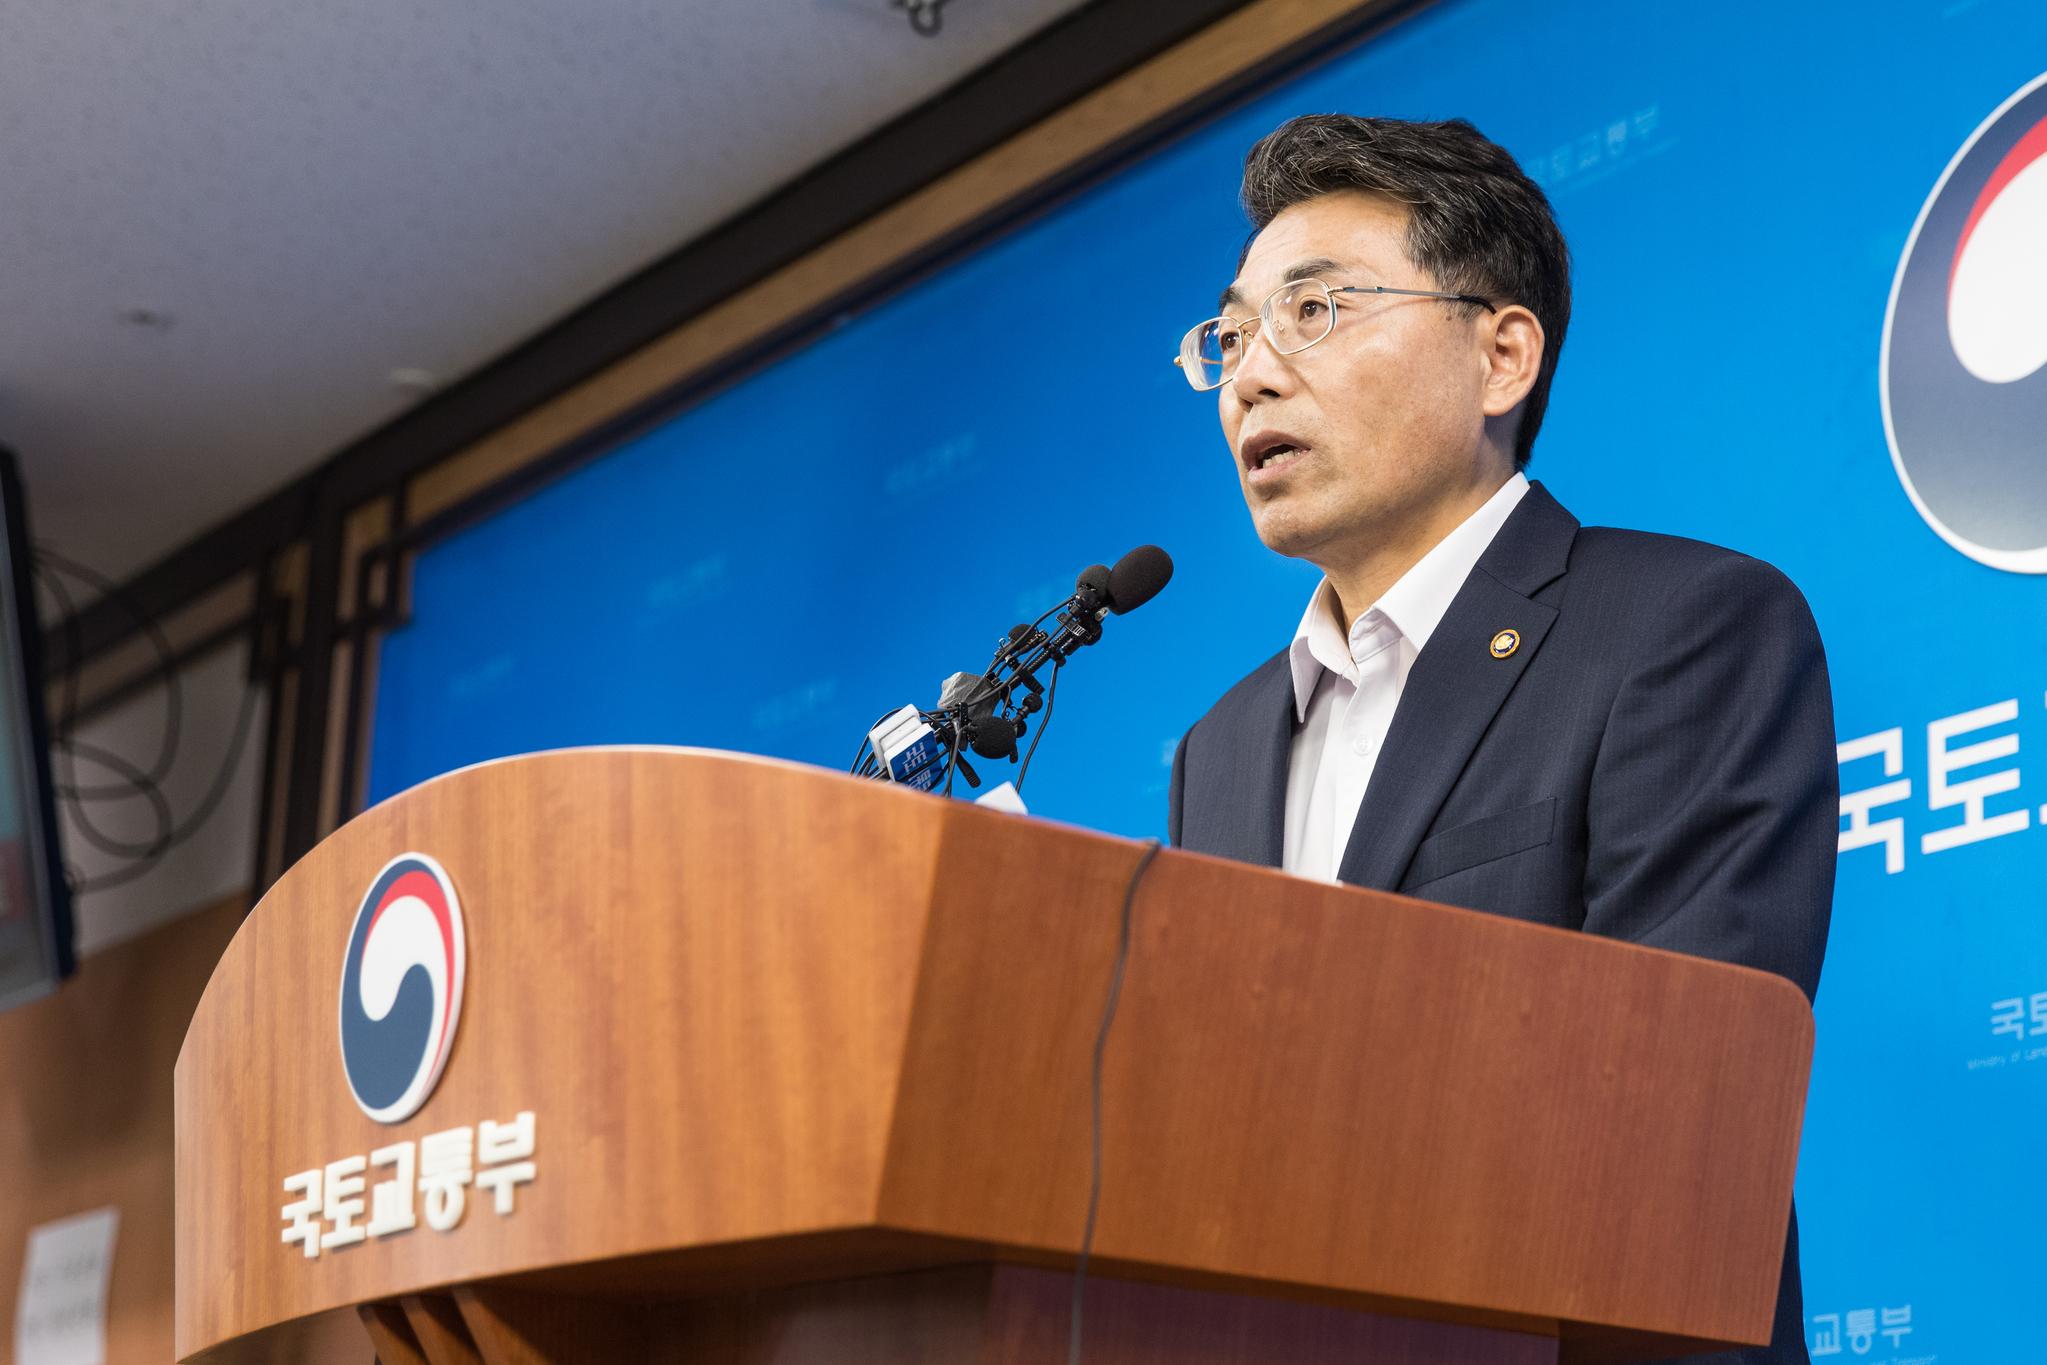 김정렬 국토부 2차관이 진에어와 에어인천의 면허 취소여부에 대한 최종결과를 발표하고 있다. [국토교통부]